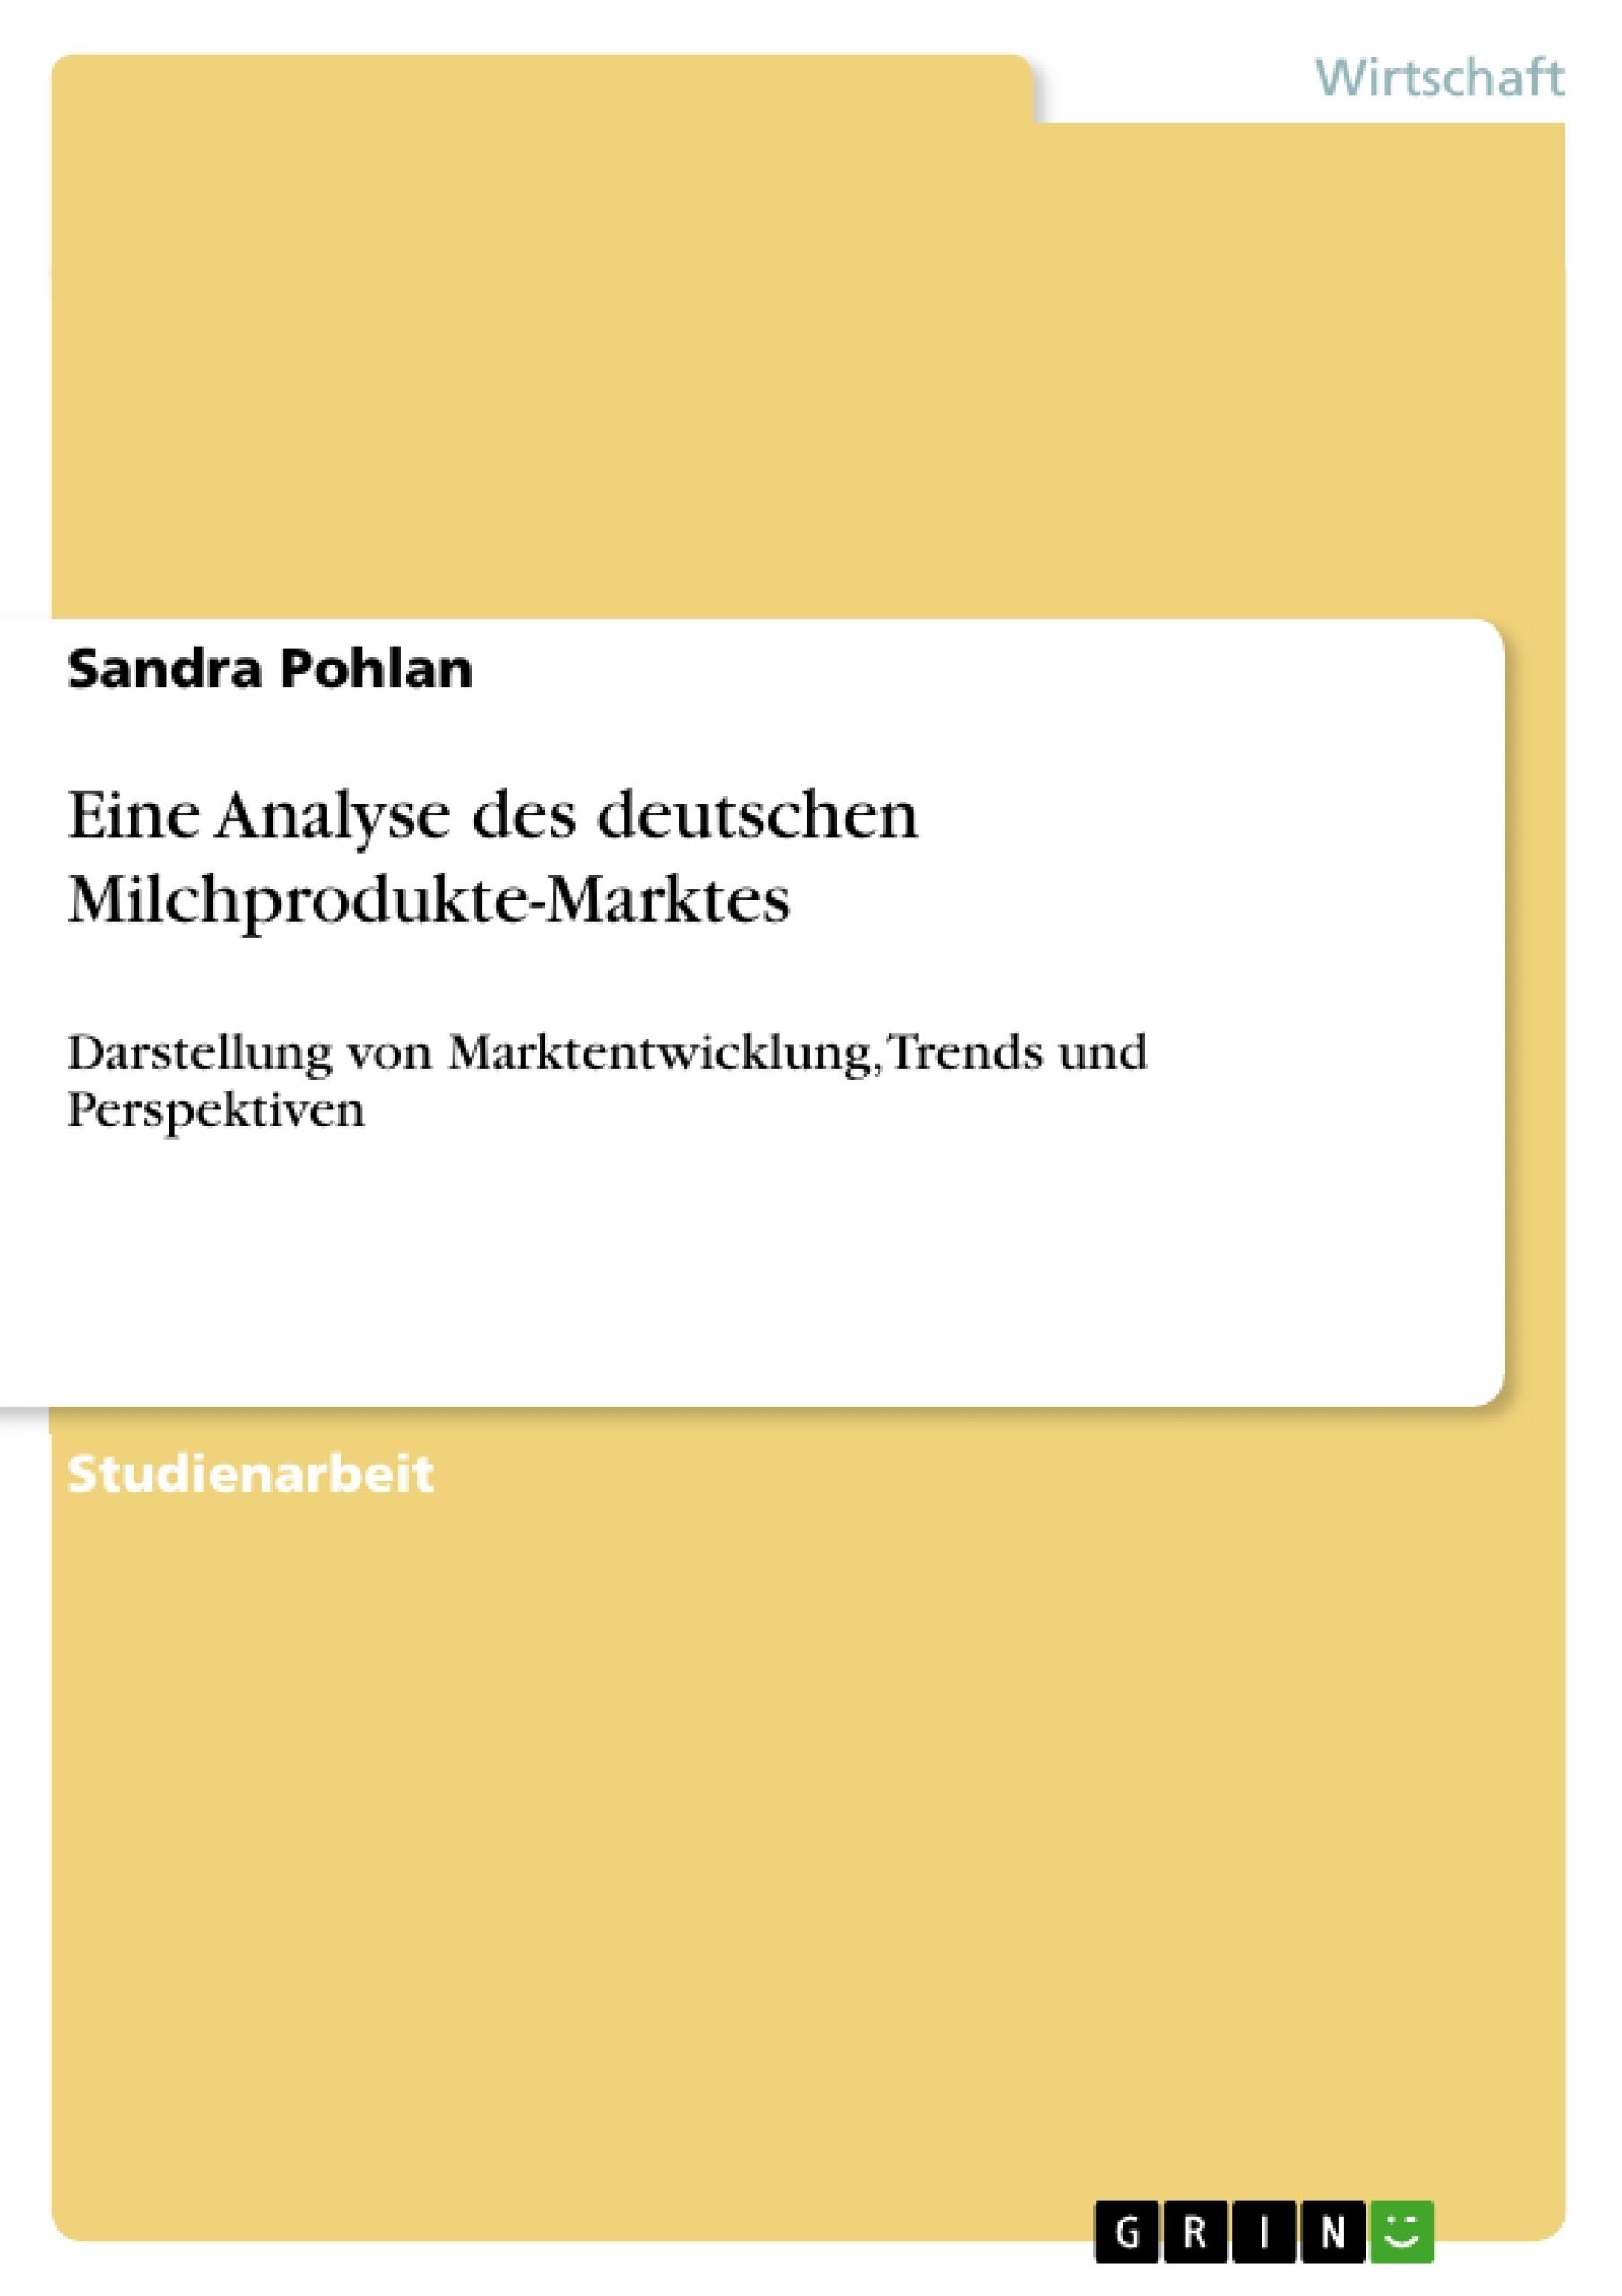 Titel: Eine Analyse des deutschen Milchprodukte-Marktes